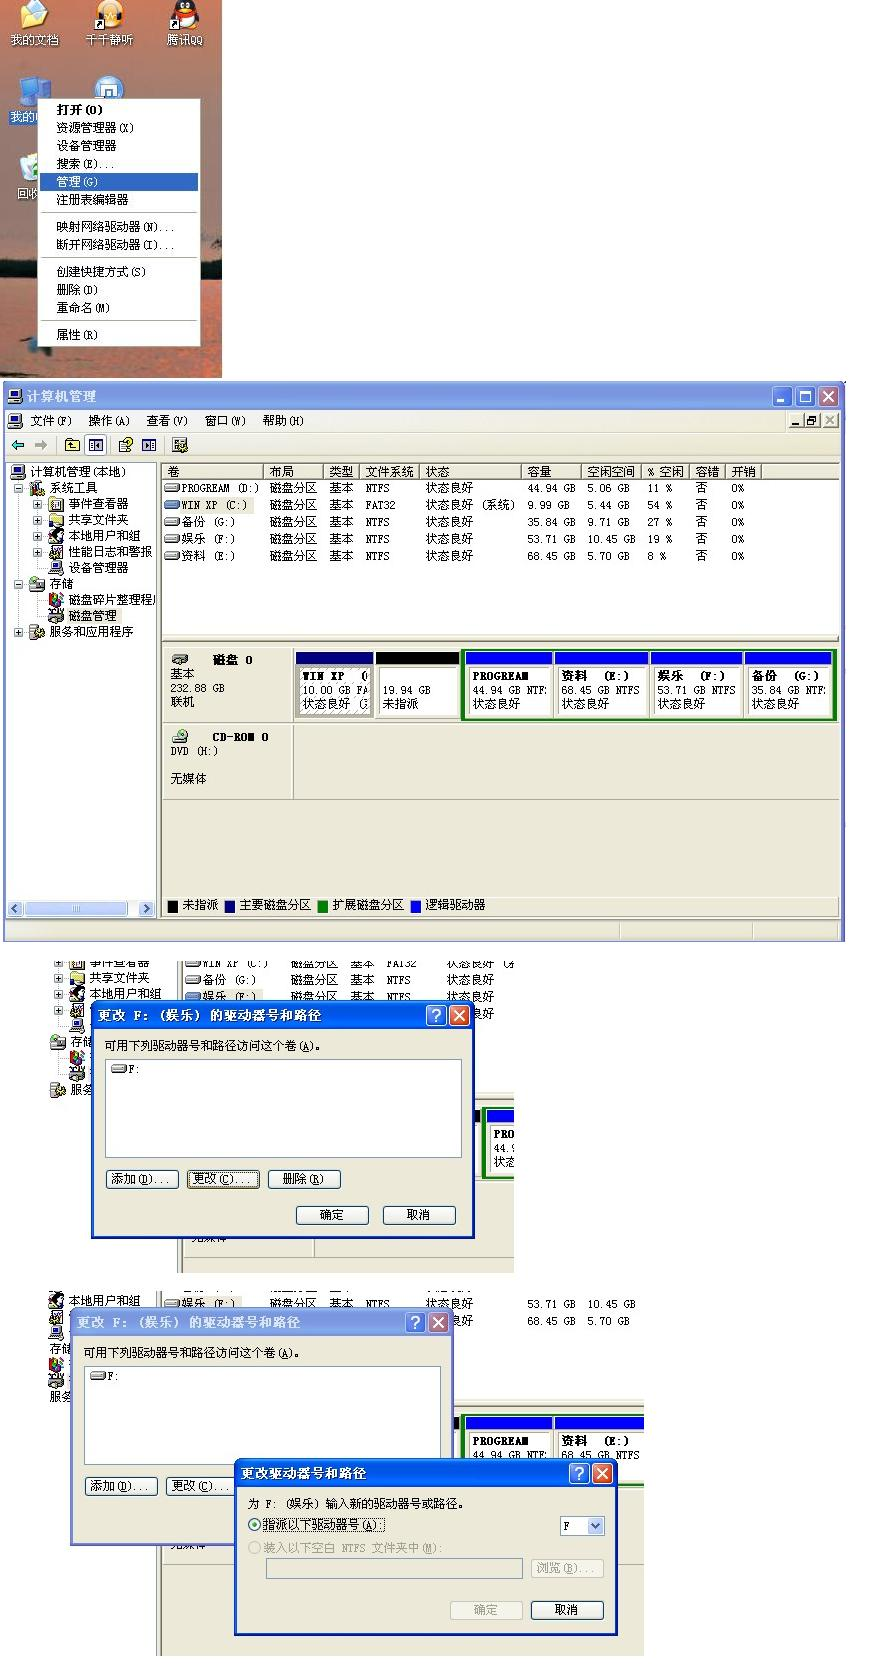 存储控制器驱动无法更新,除了C盘以外,其他的D,E,F盘的文件都相互替换了,不知道怎么处理,重装系统有用